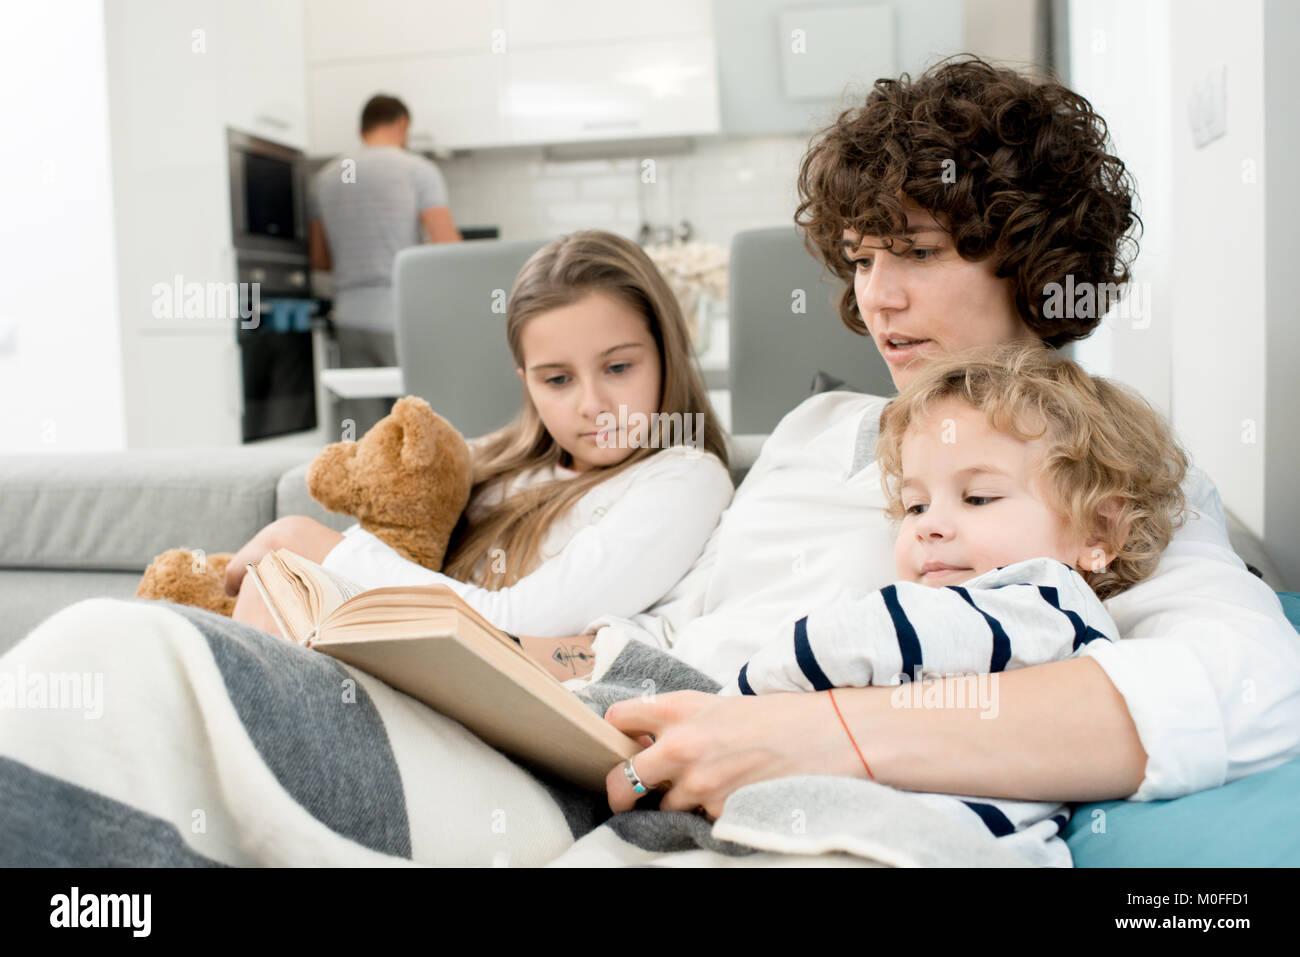 Familia cariñosa disfrutando juntos de fin de semana Imagen De Stock